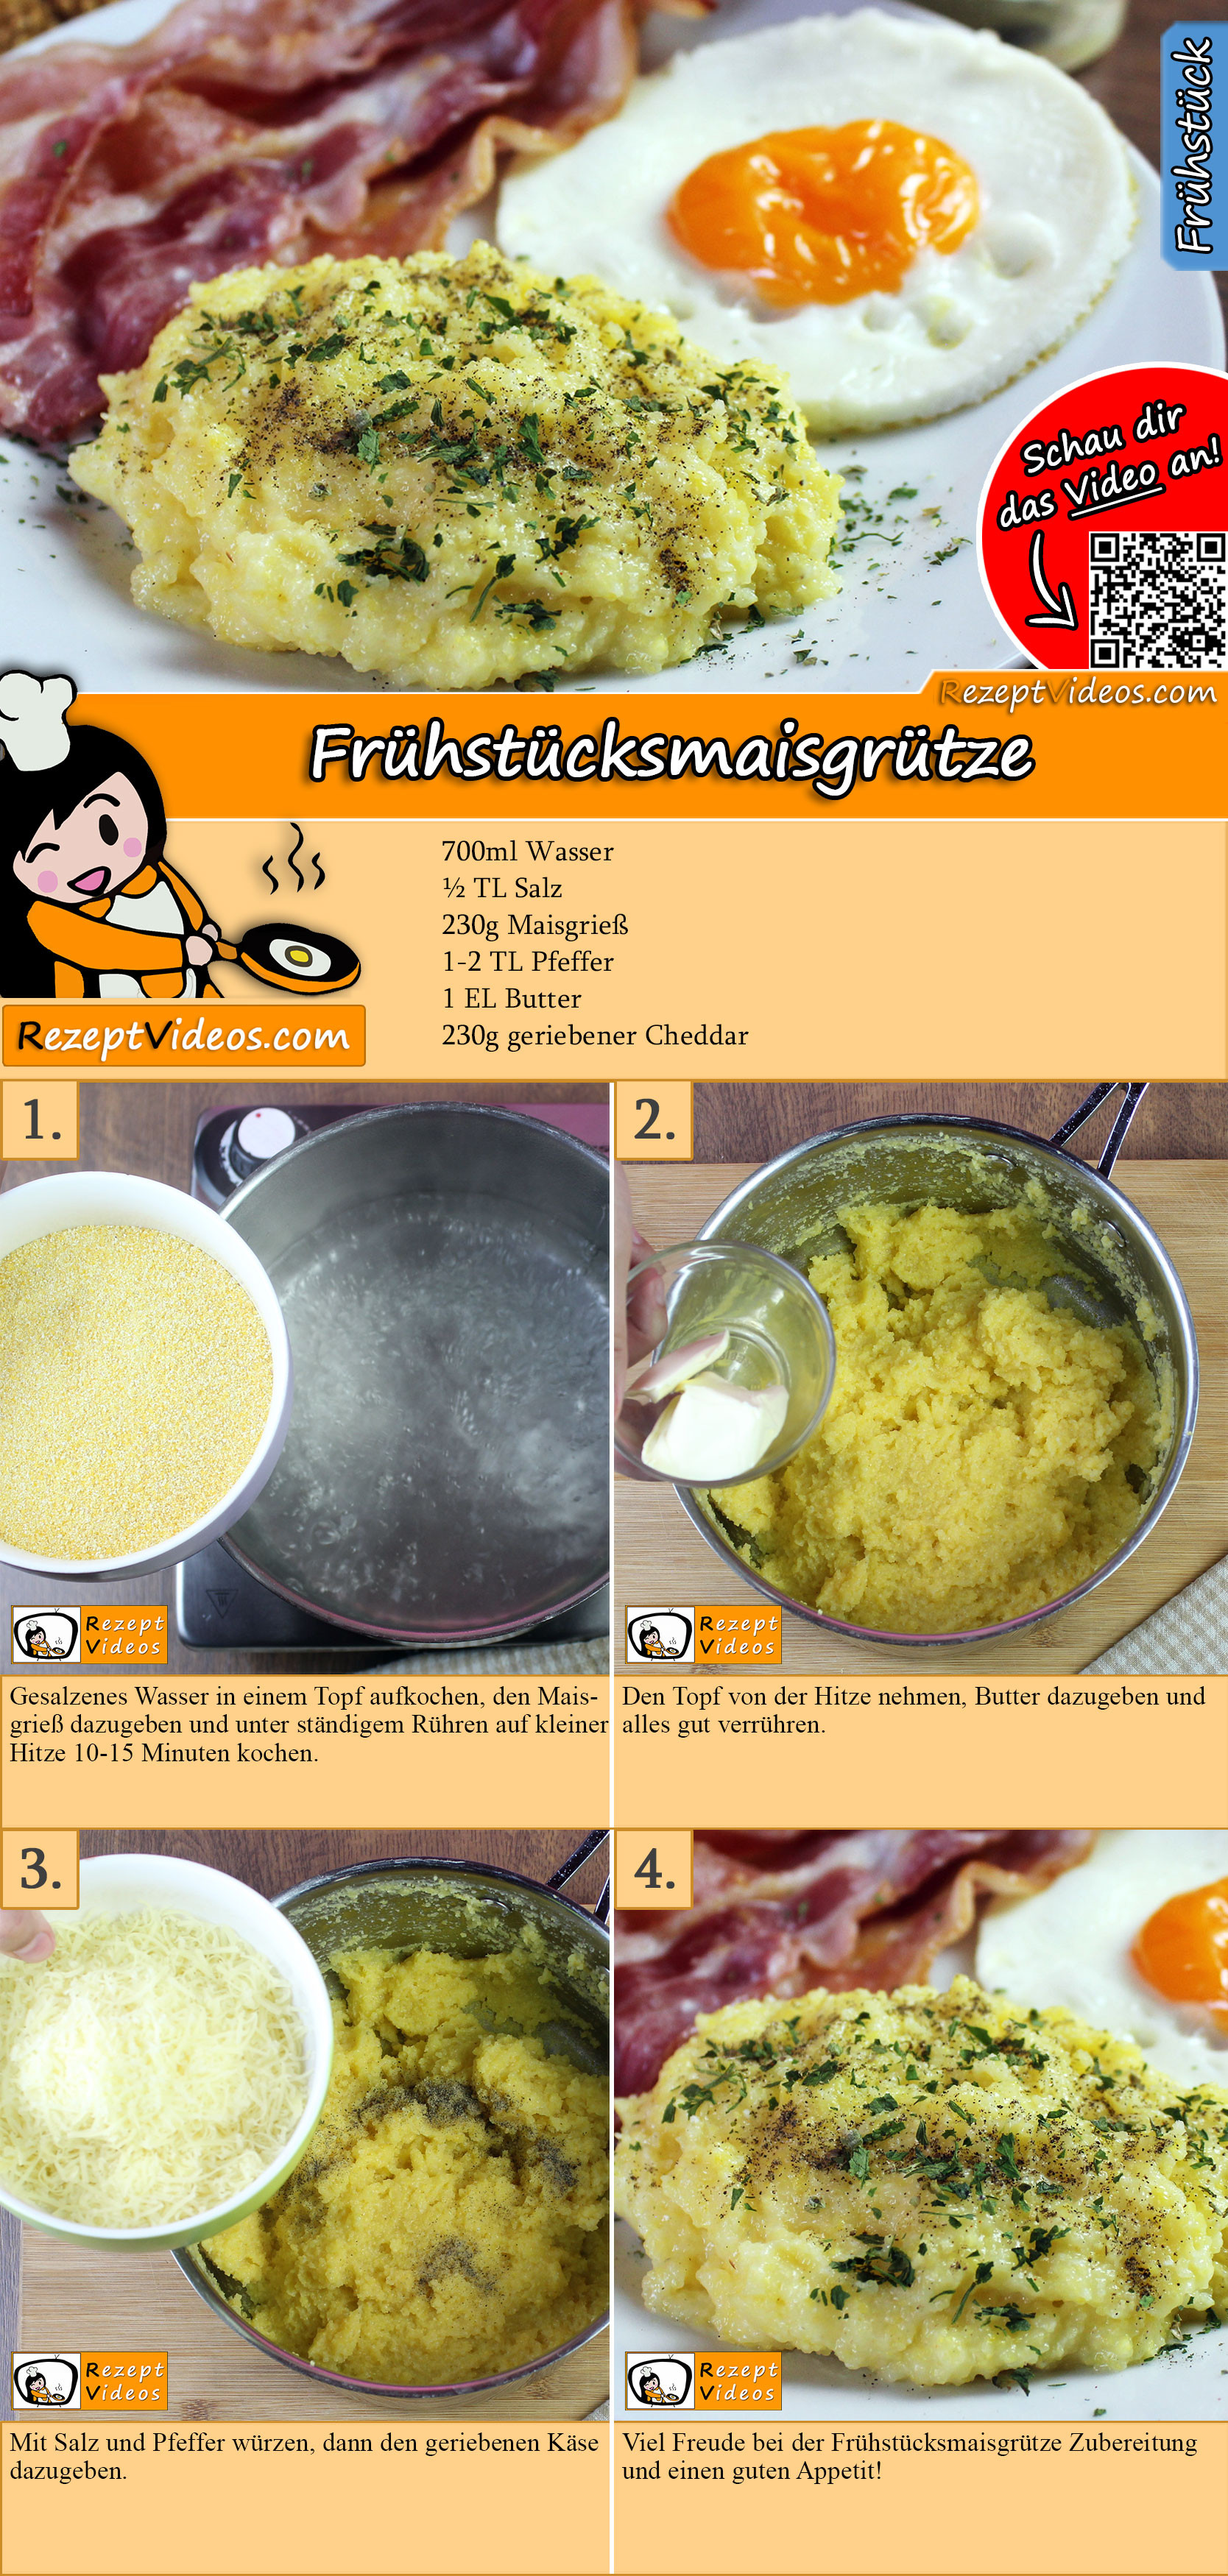 Frühstücksmaisgrütze Rezept mit Video